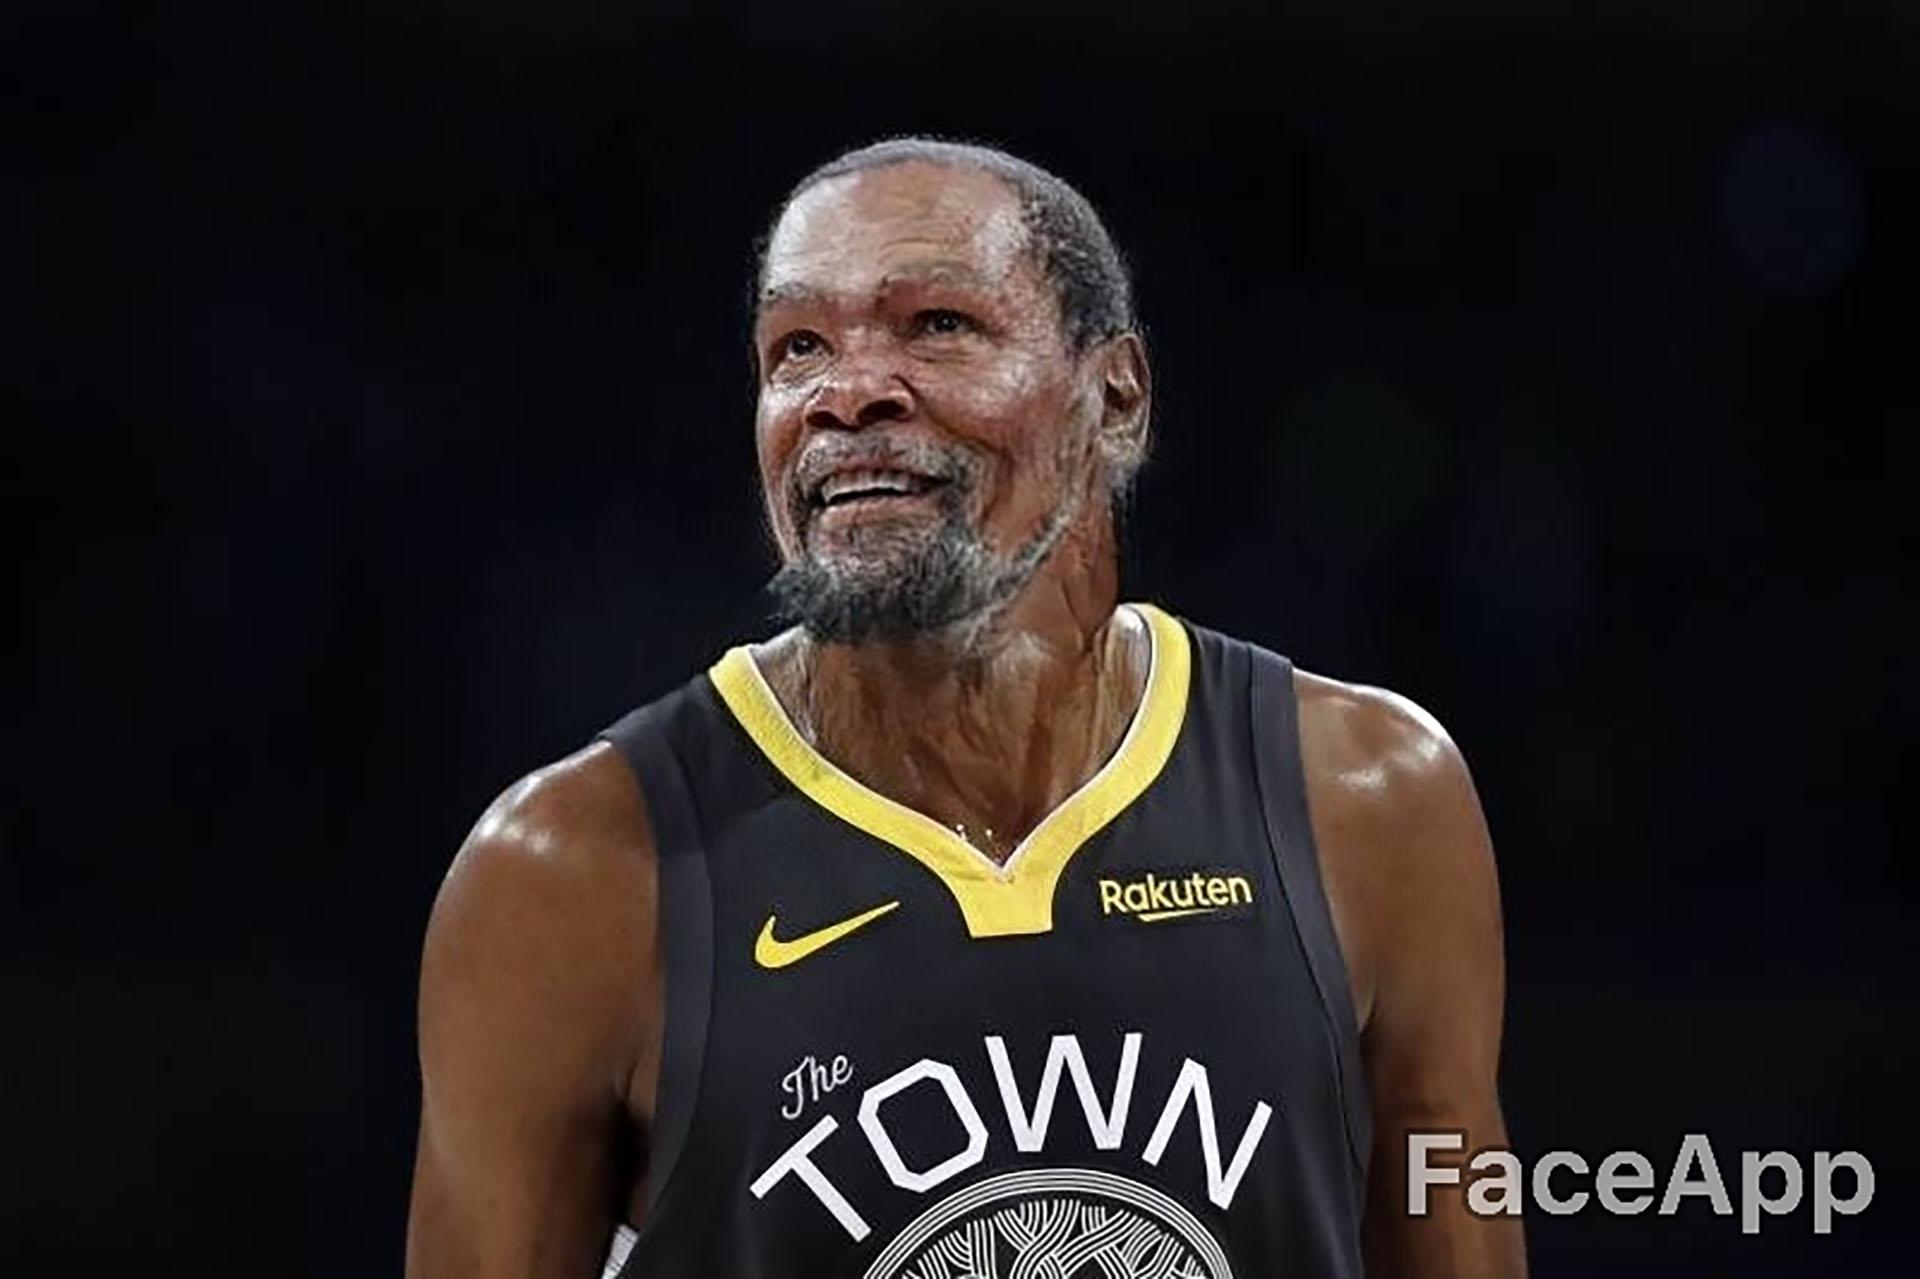 Año 2045, Kevin Durant sigue siendo la estrella de la NBA